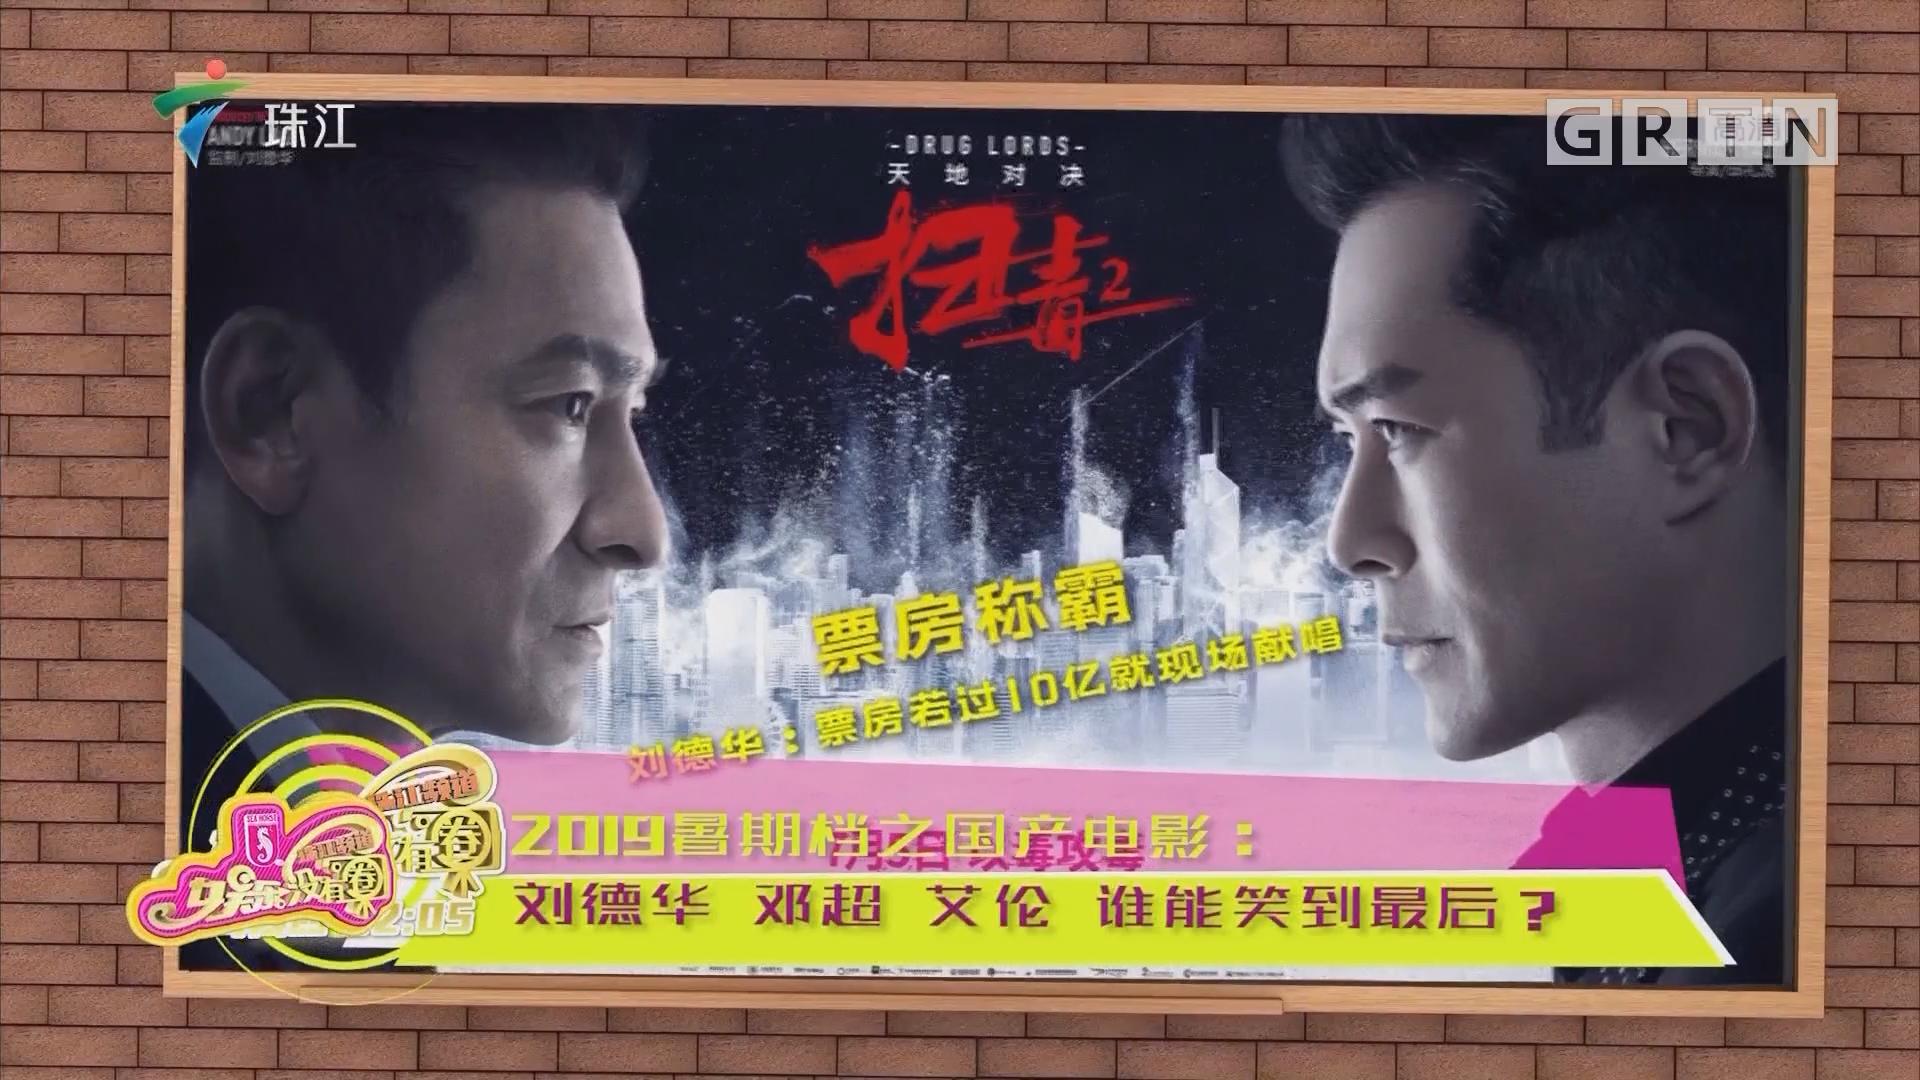 2019暑期档之国产电影:刘德华 邓超 艾伦 谁能笑到最后?